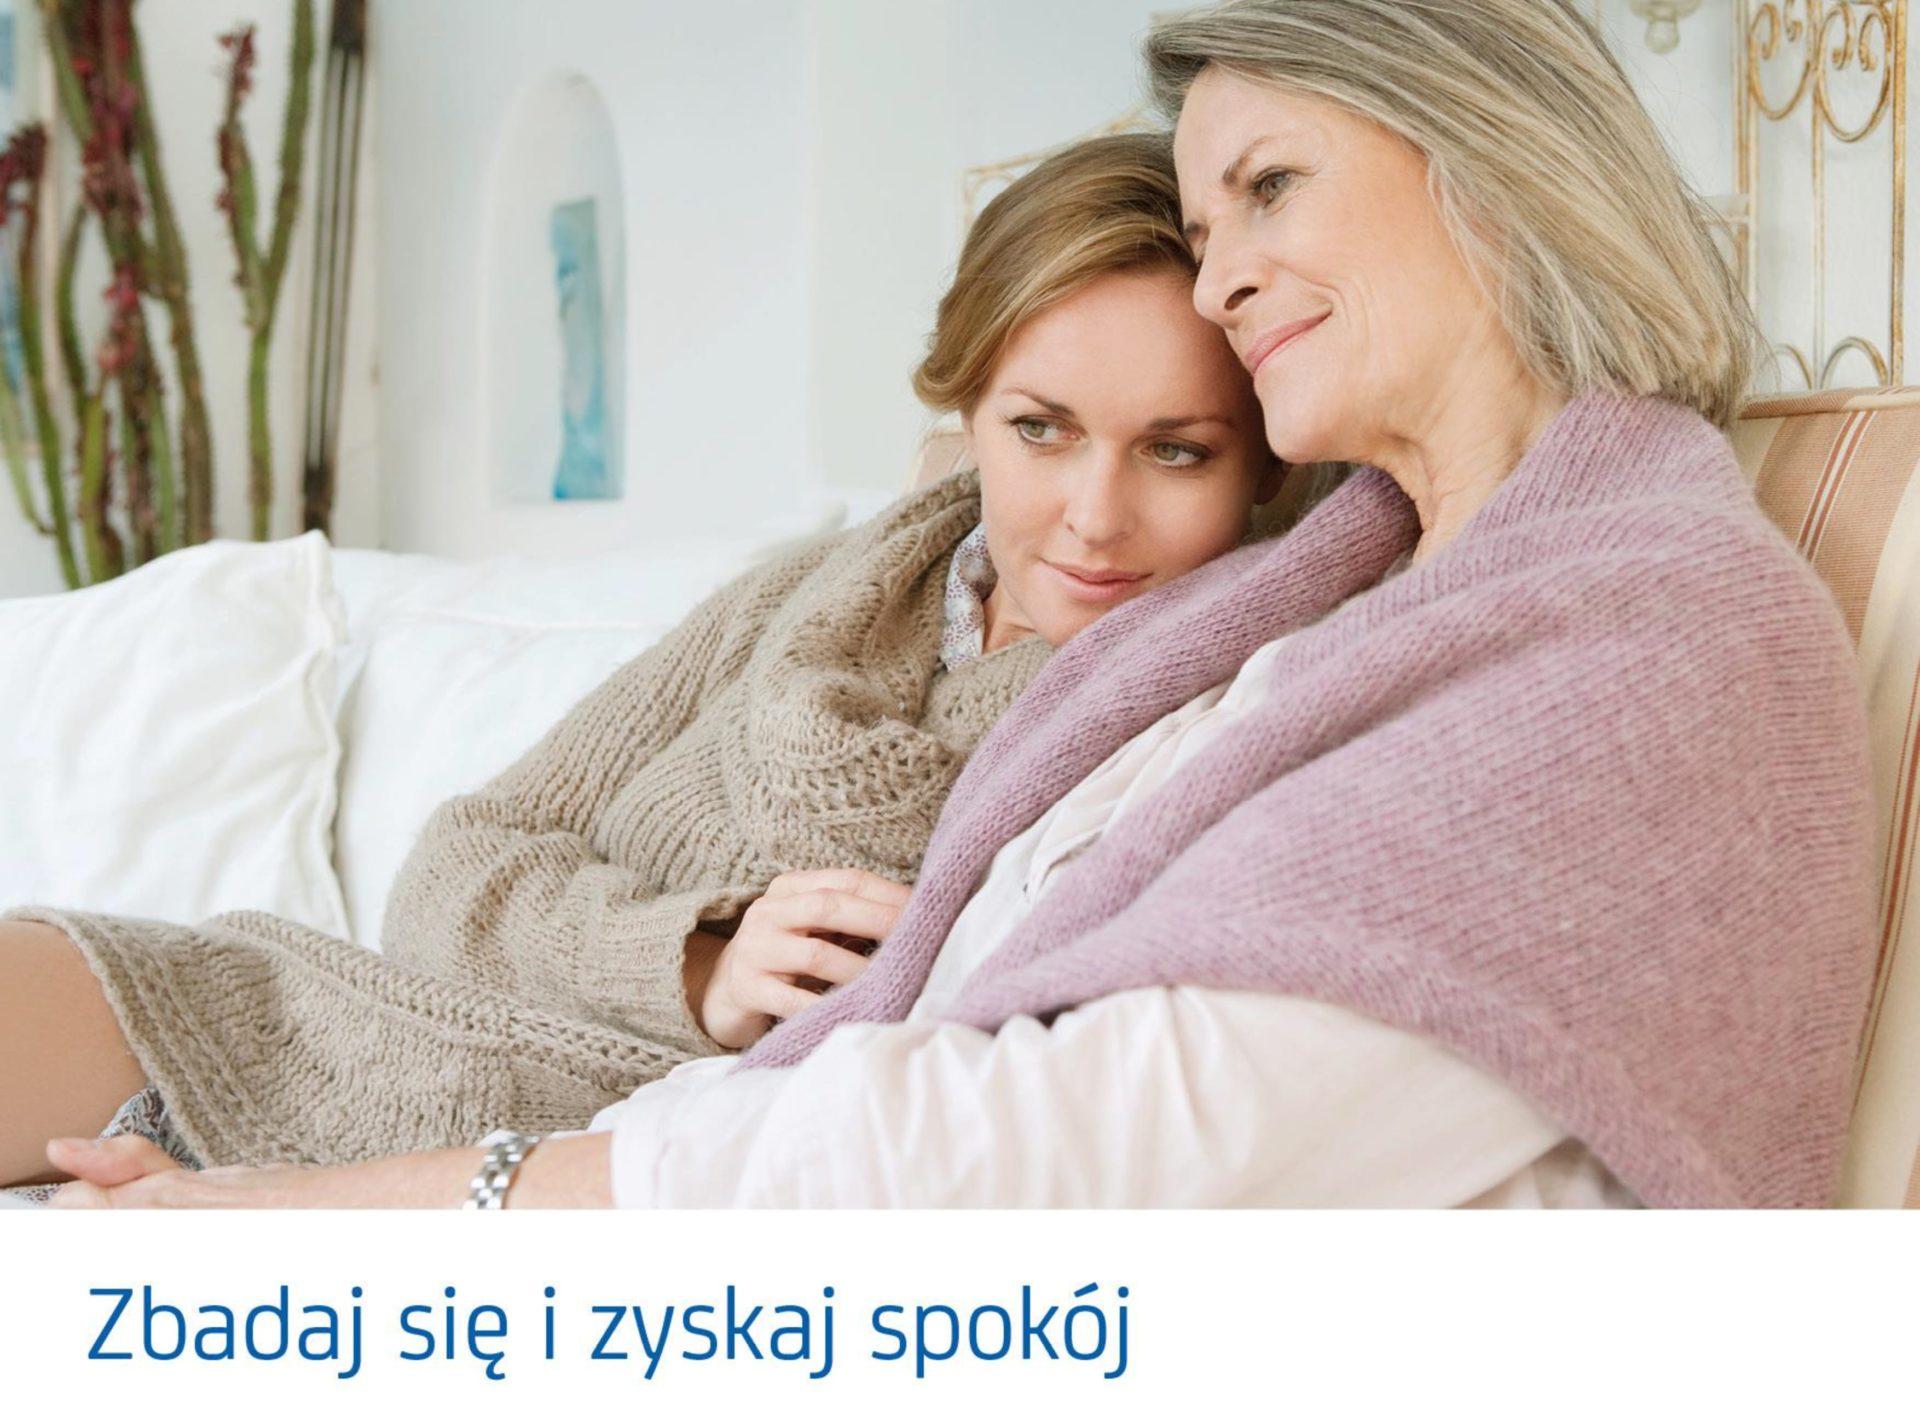 Planujesz długie życie? Zrób mammografię!